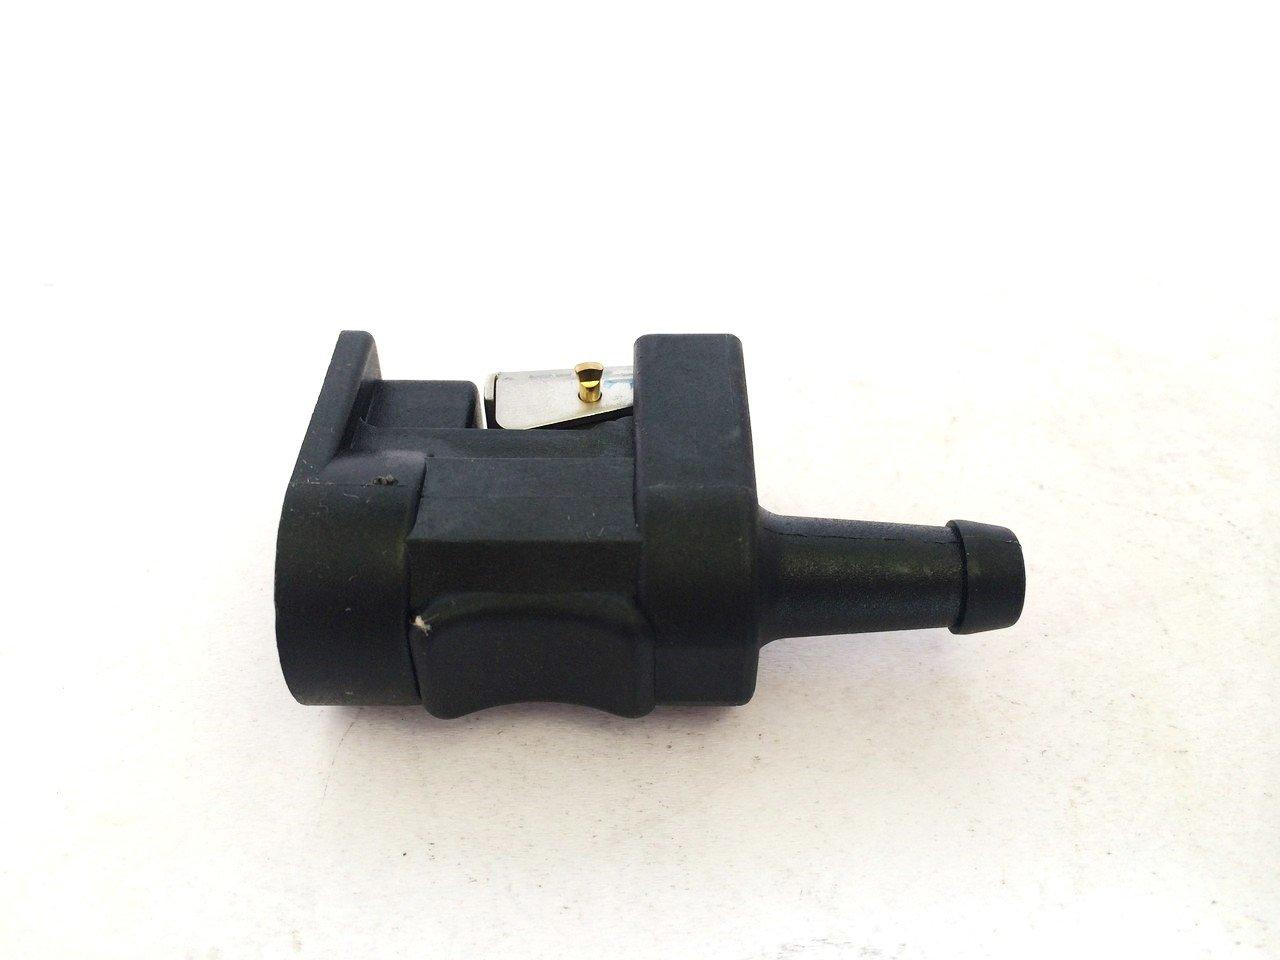 YAMASCO 6y2 24305 06 00/Femal connecteur de carburant pour moteurs hors-bord Yamaha 8/mm R/éservoir Raccord de c/ôt/é